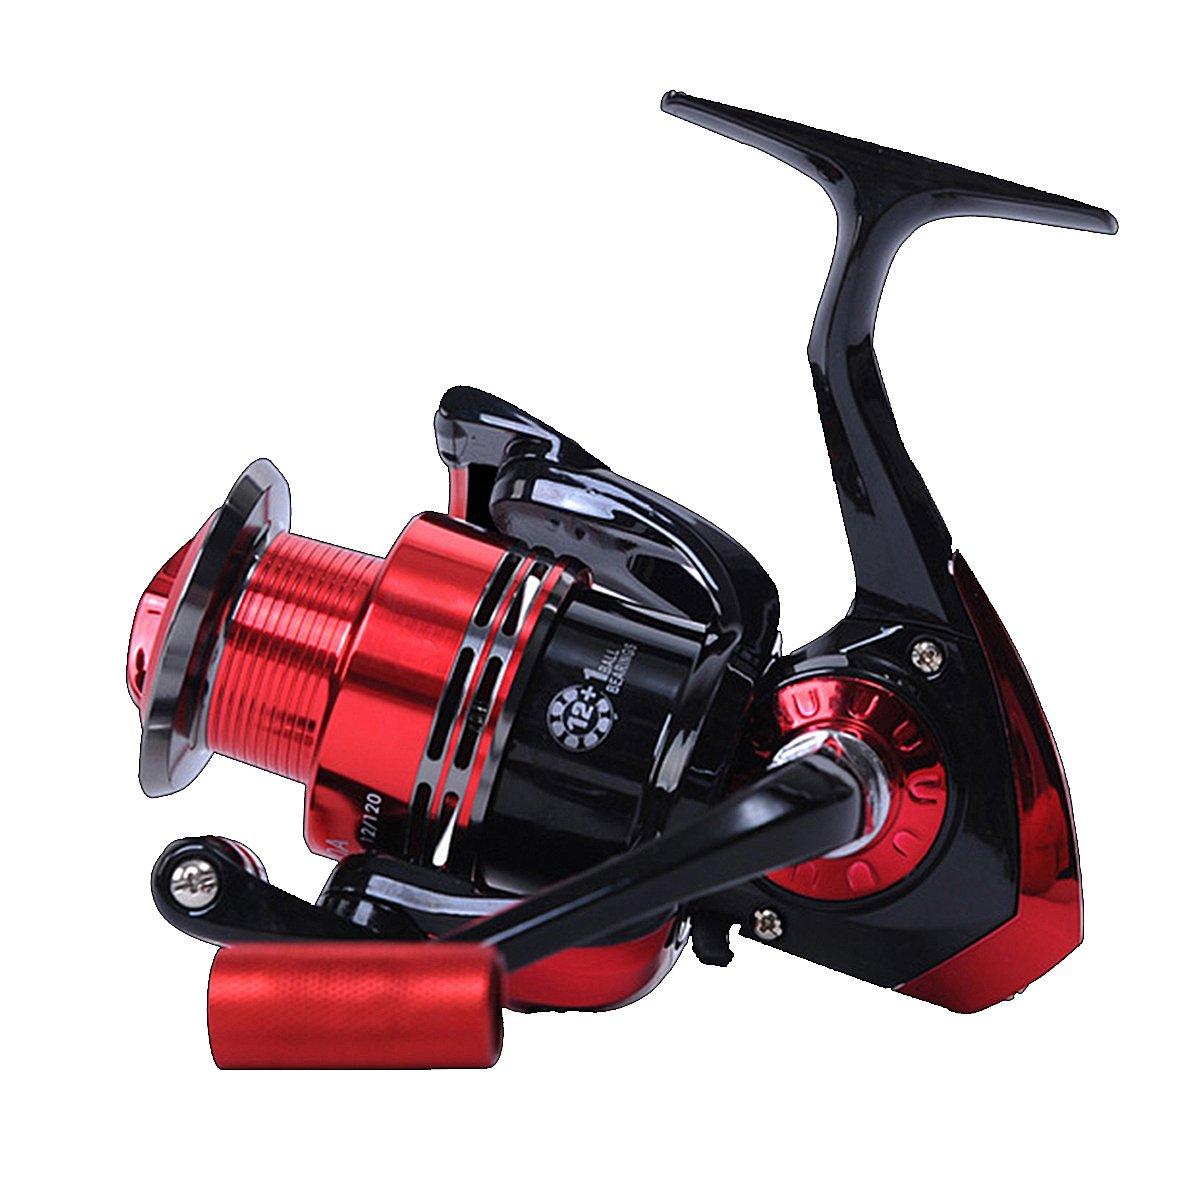 QOJA zanlure jm1000 12+1bb 5.2:1 spinning fishing reel right/left by QOJA